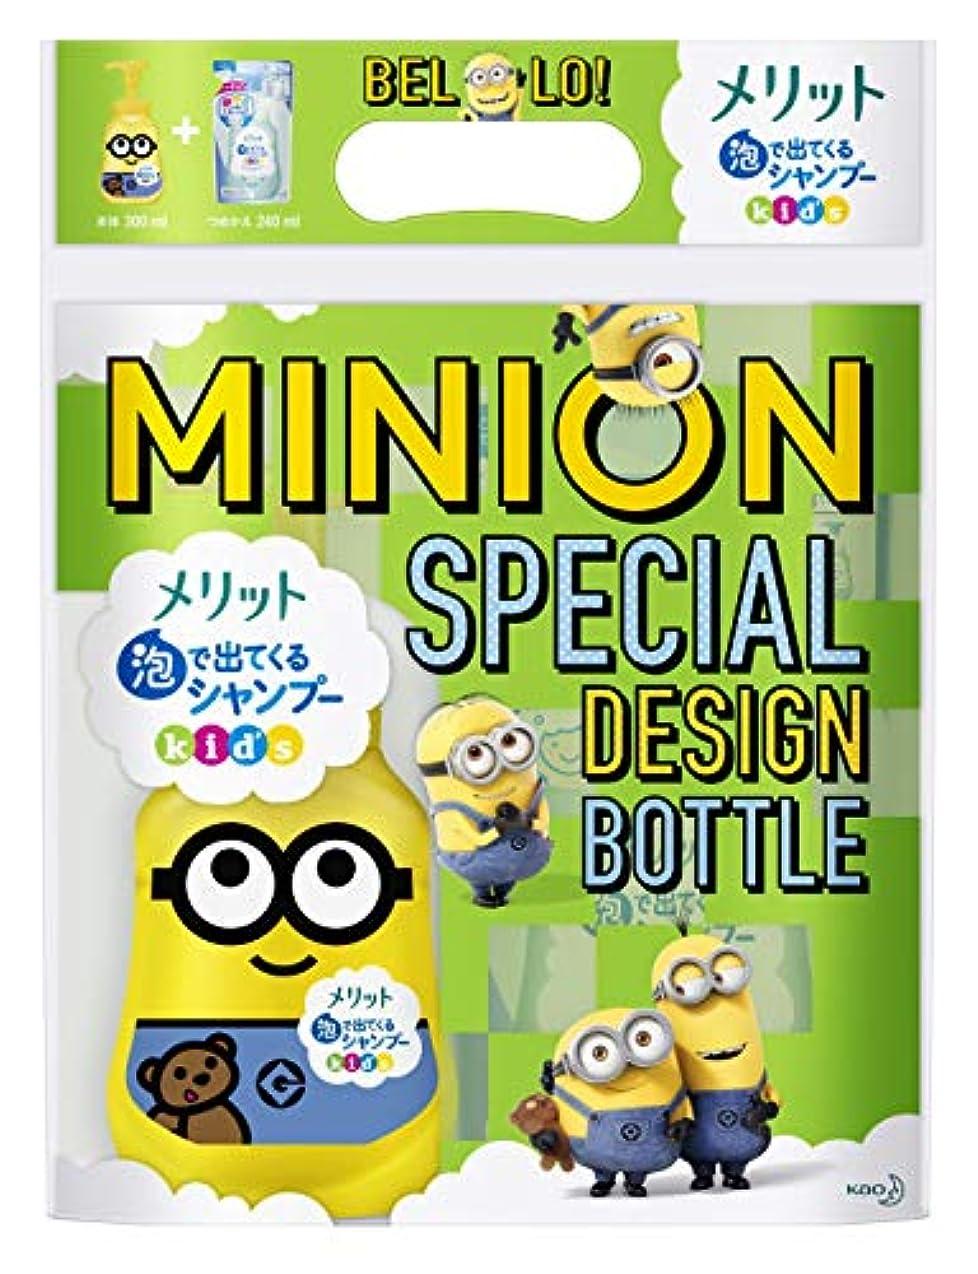 に対応レンディションマオリメリット 泡で出てくるシャンプー キッズ ミニオン スペシャルデザインボトル [ Minion Special Design Bottle ] + つめかえ用セット (デザインボトル300ml+つめかえ用240ml)